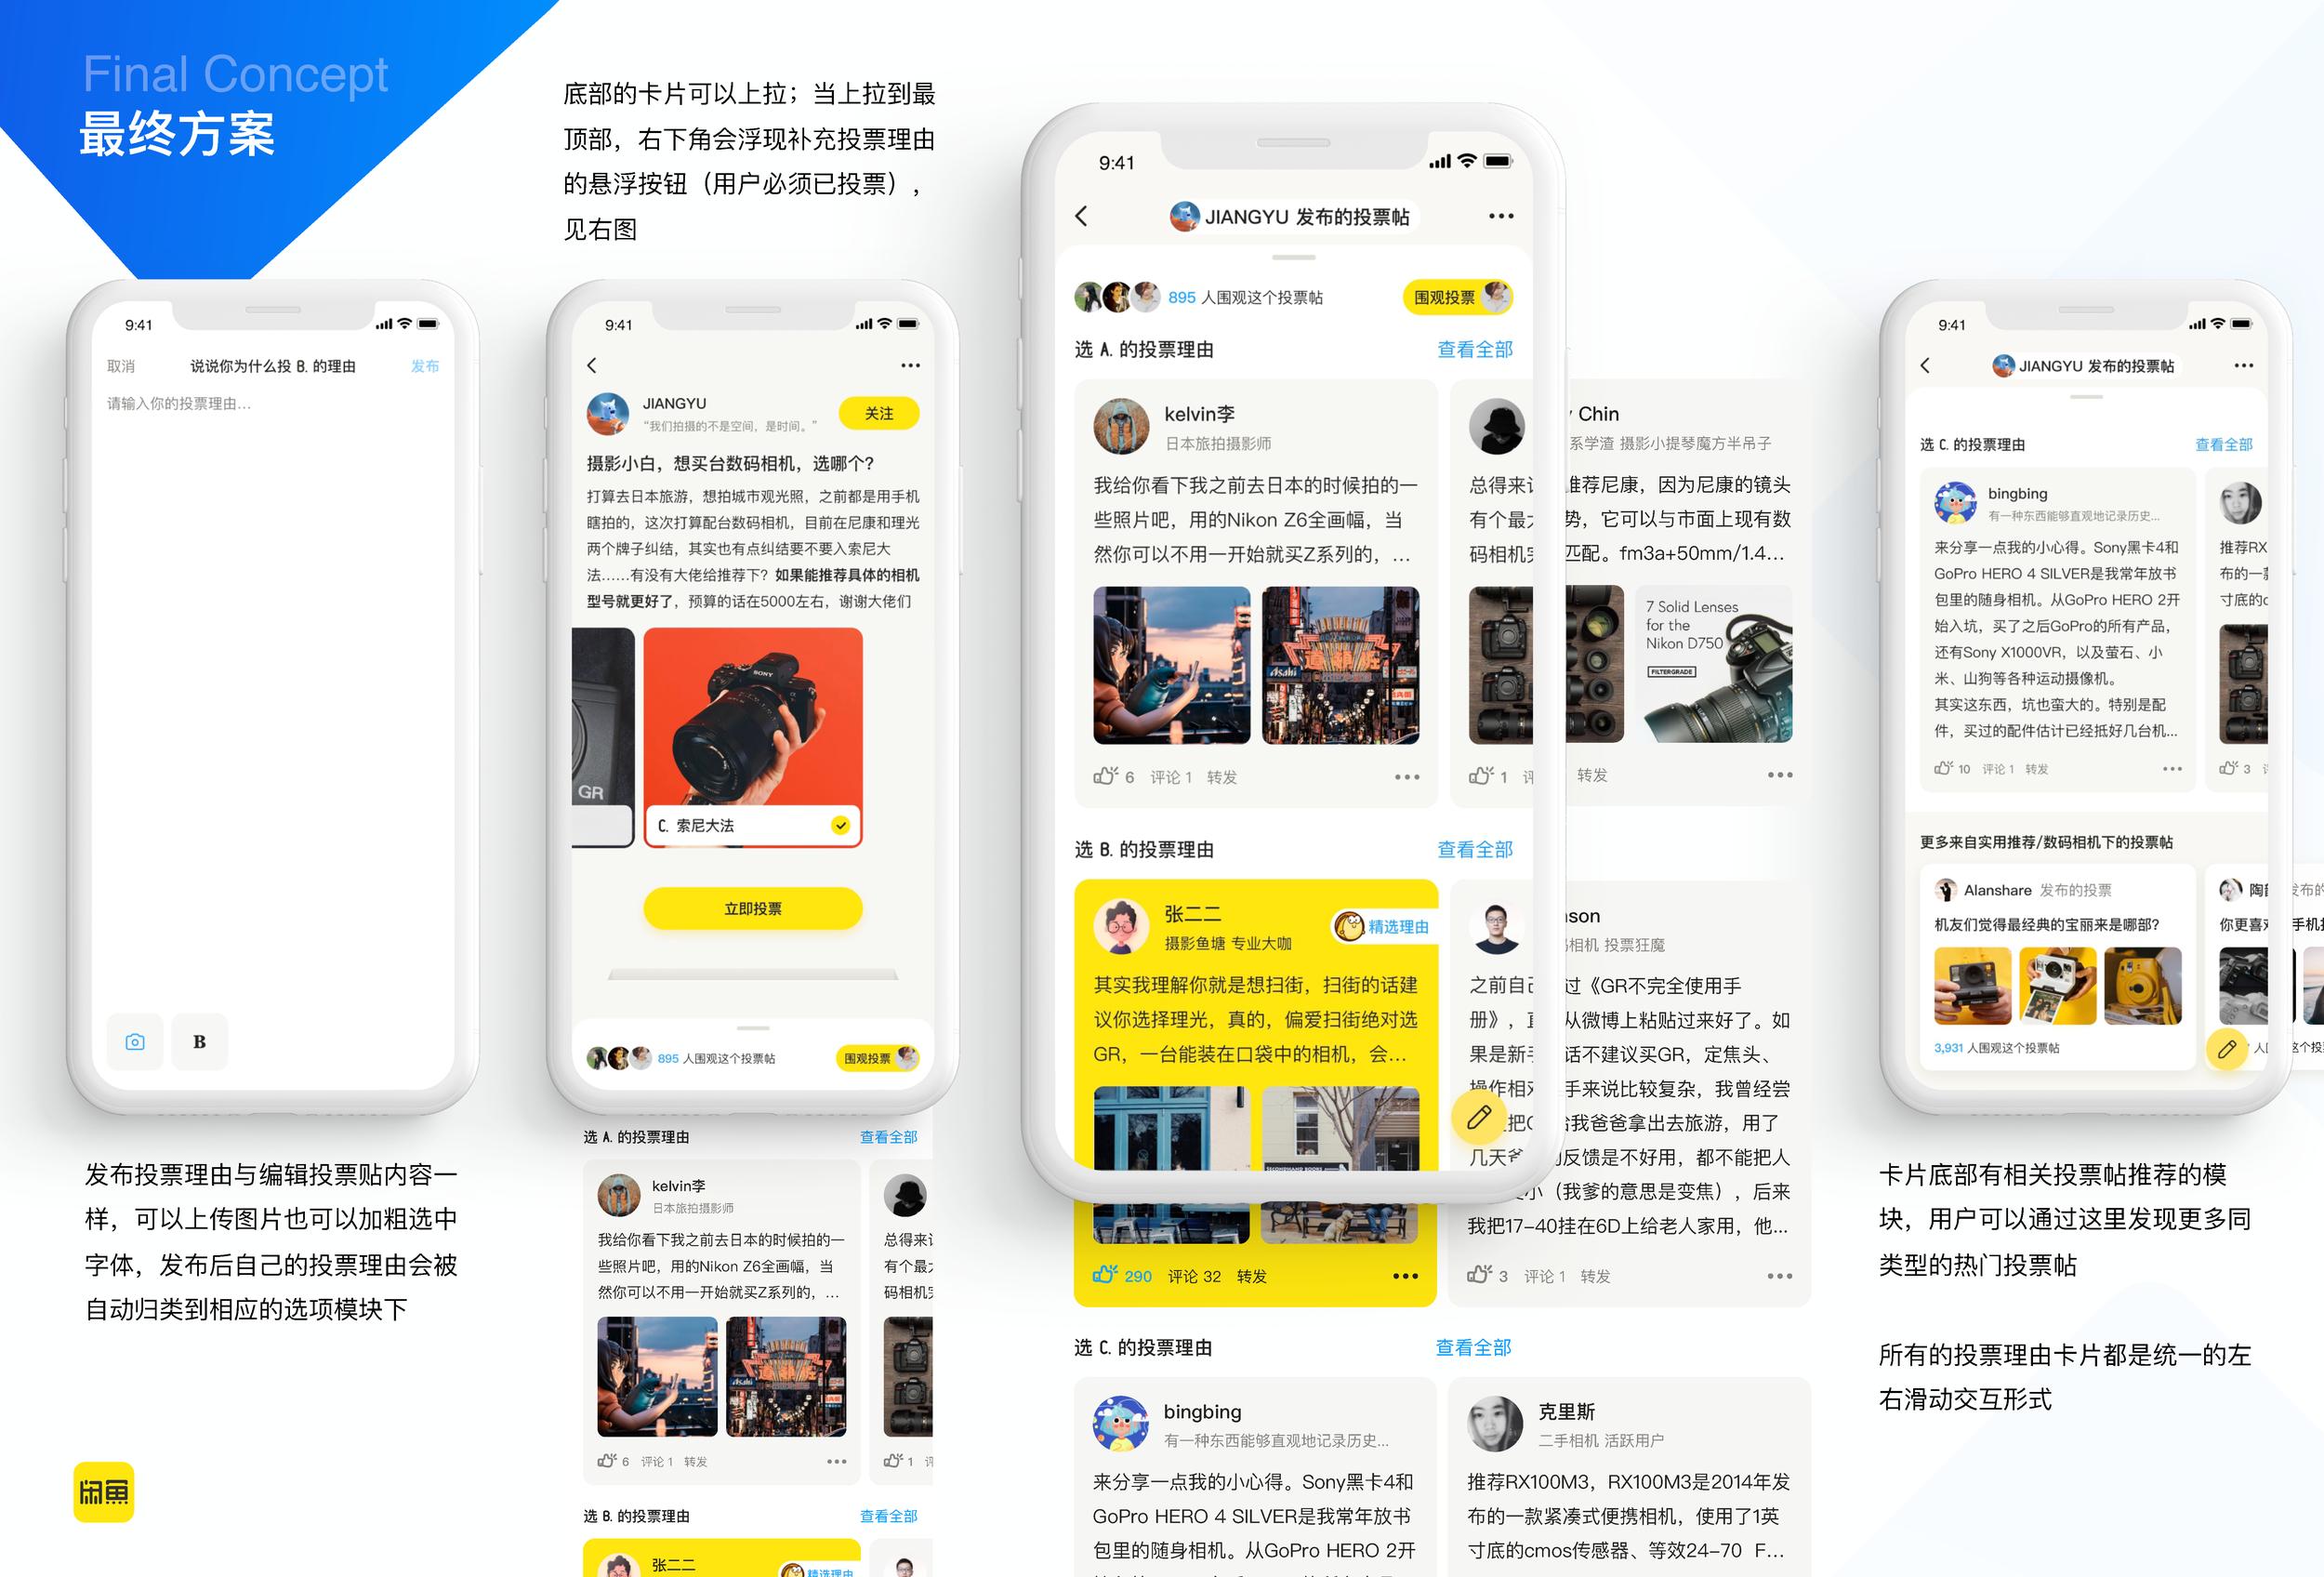 闲鱼社区互动设计(17小组油猫饼)_页面_30.png